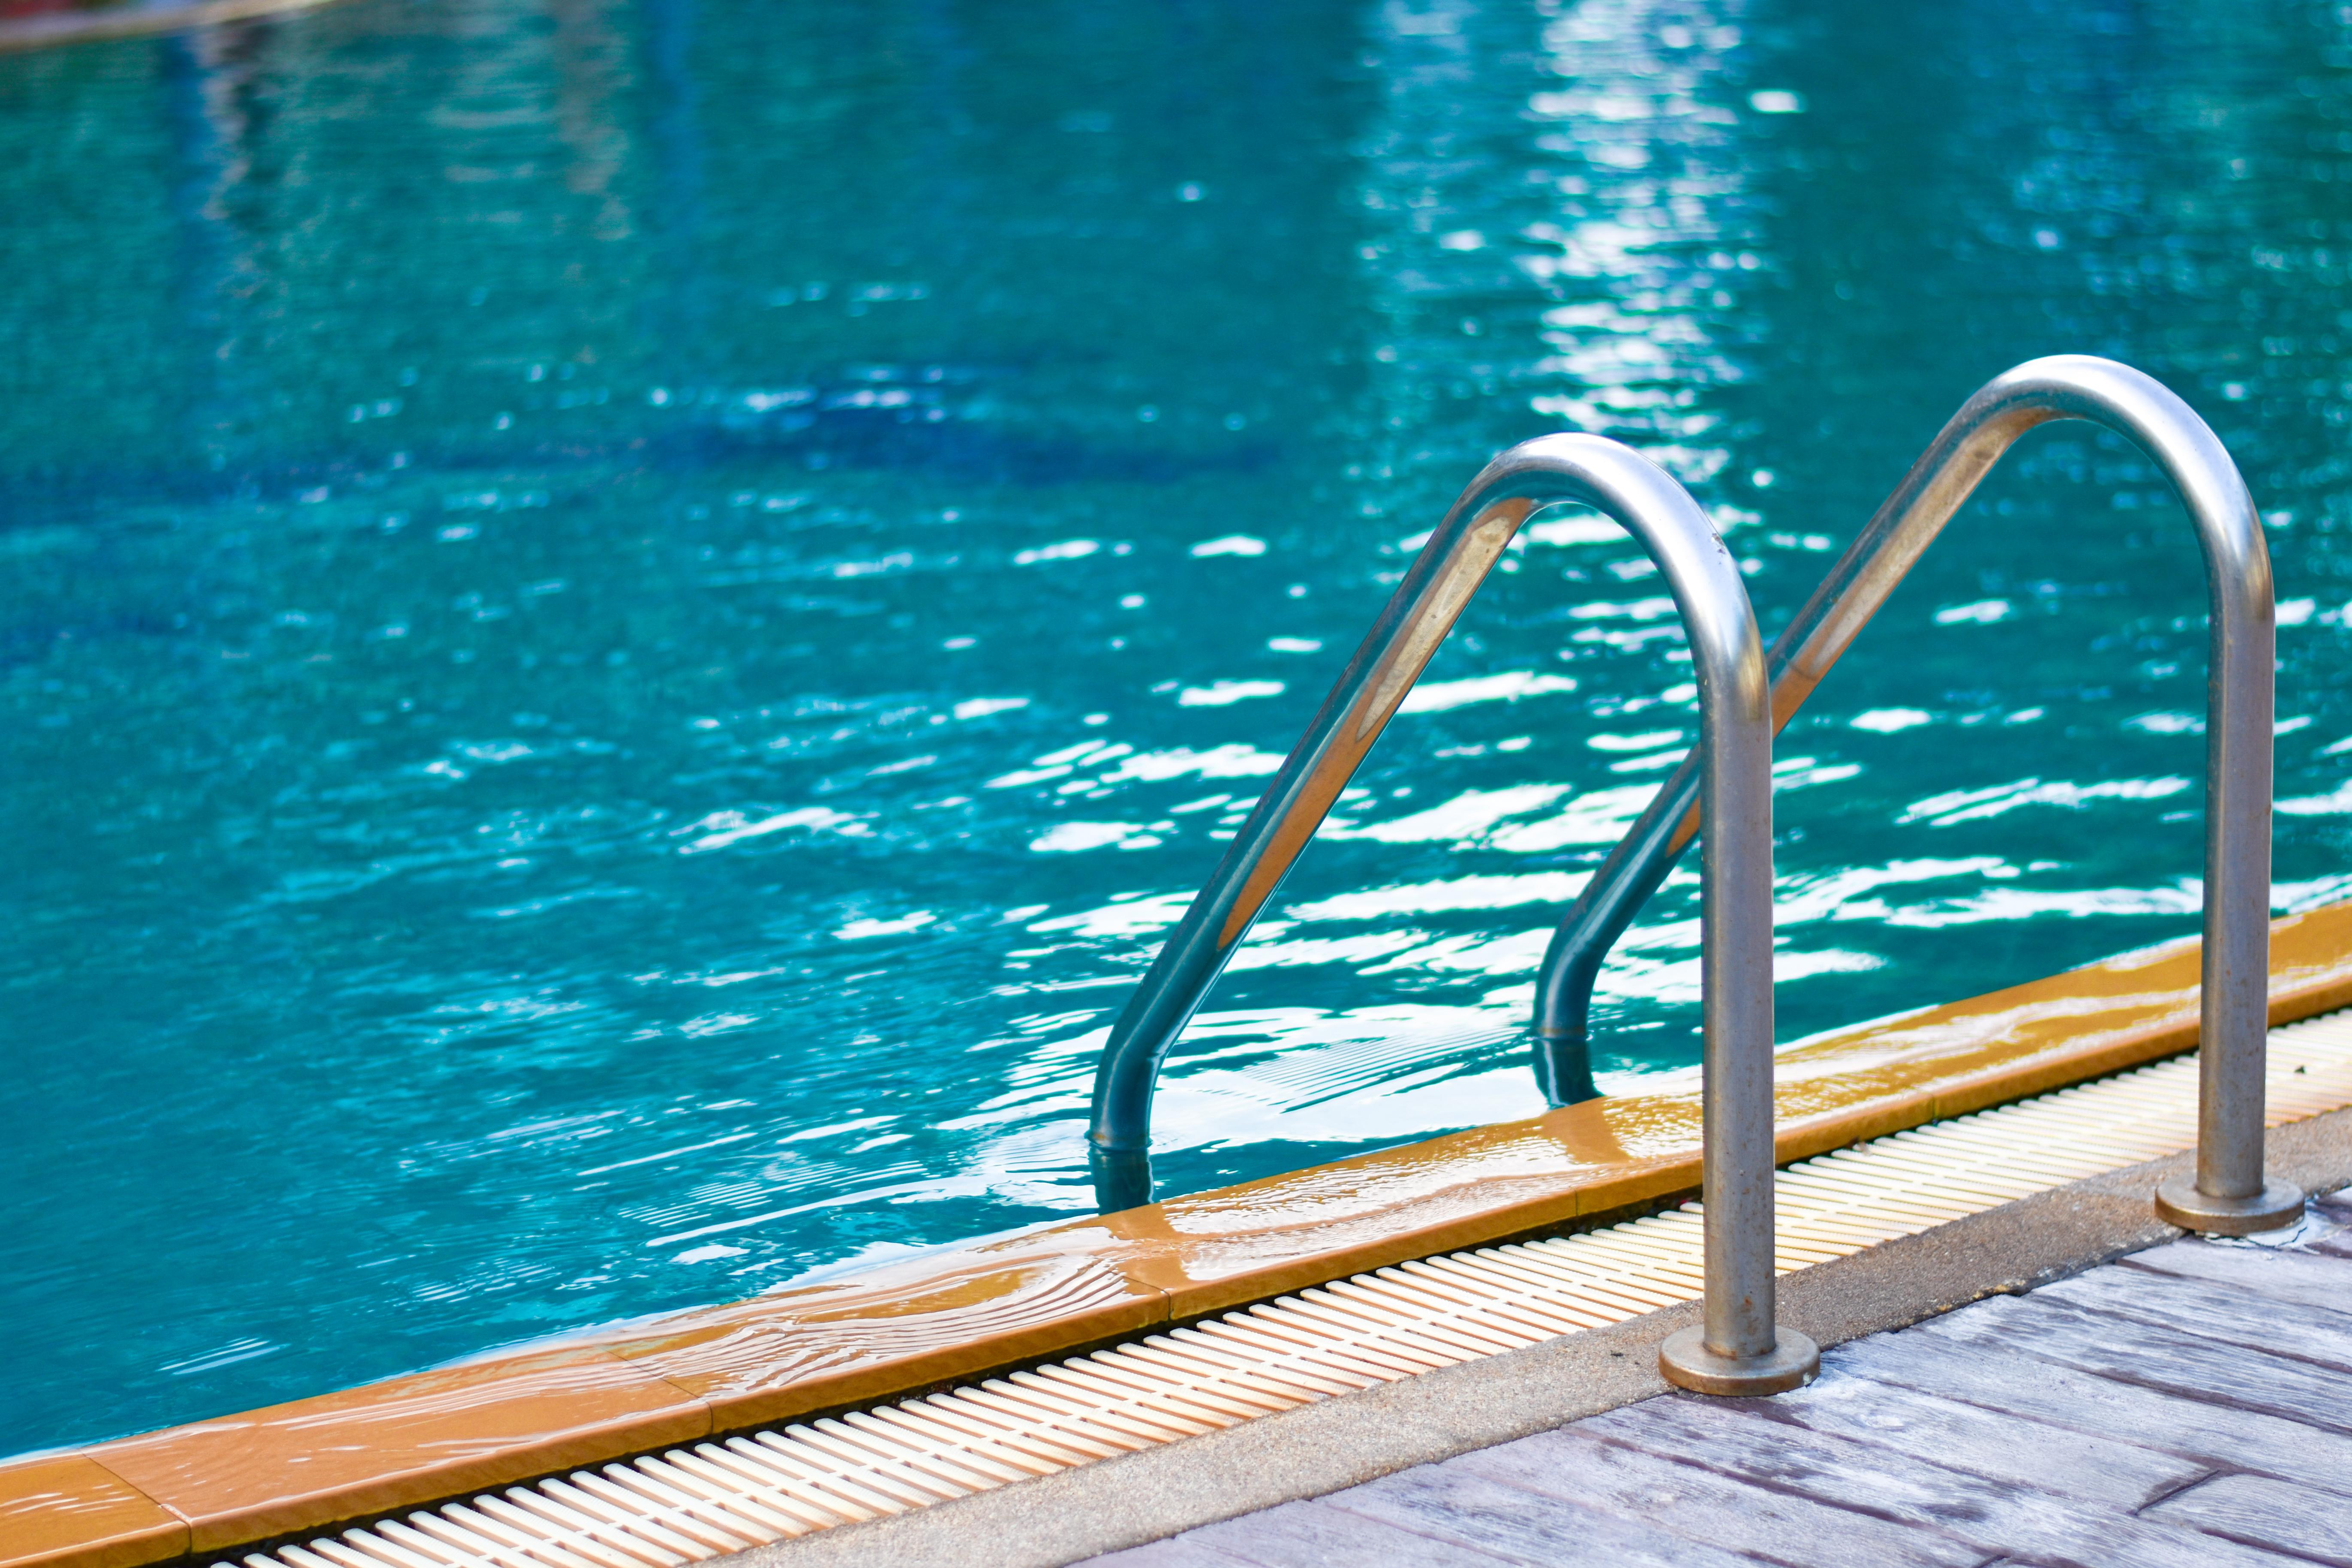 Installer un abri de piscine pour une protection optimale